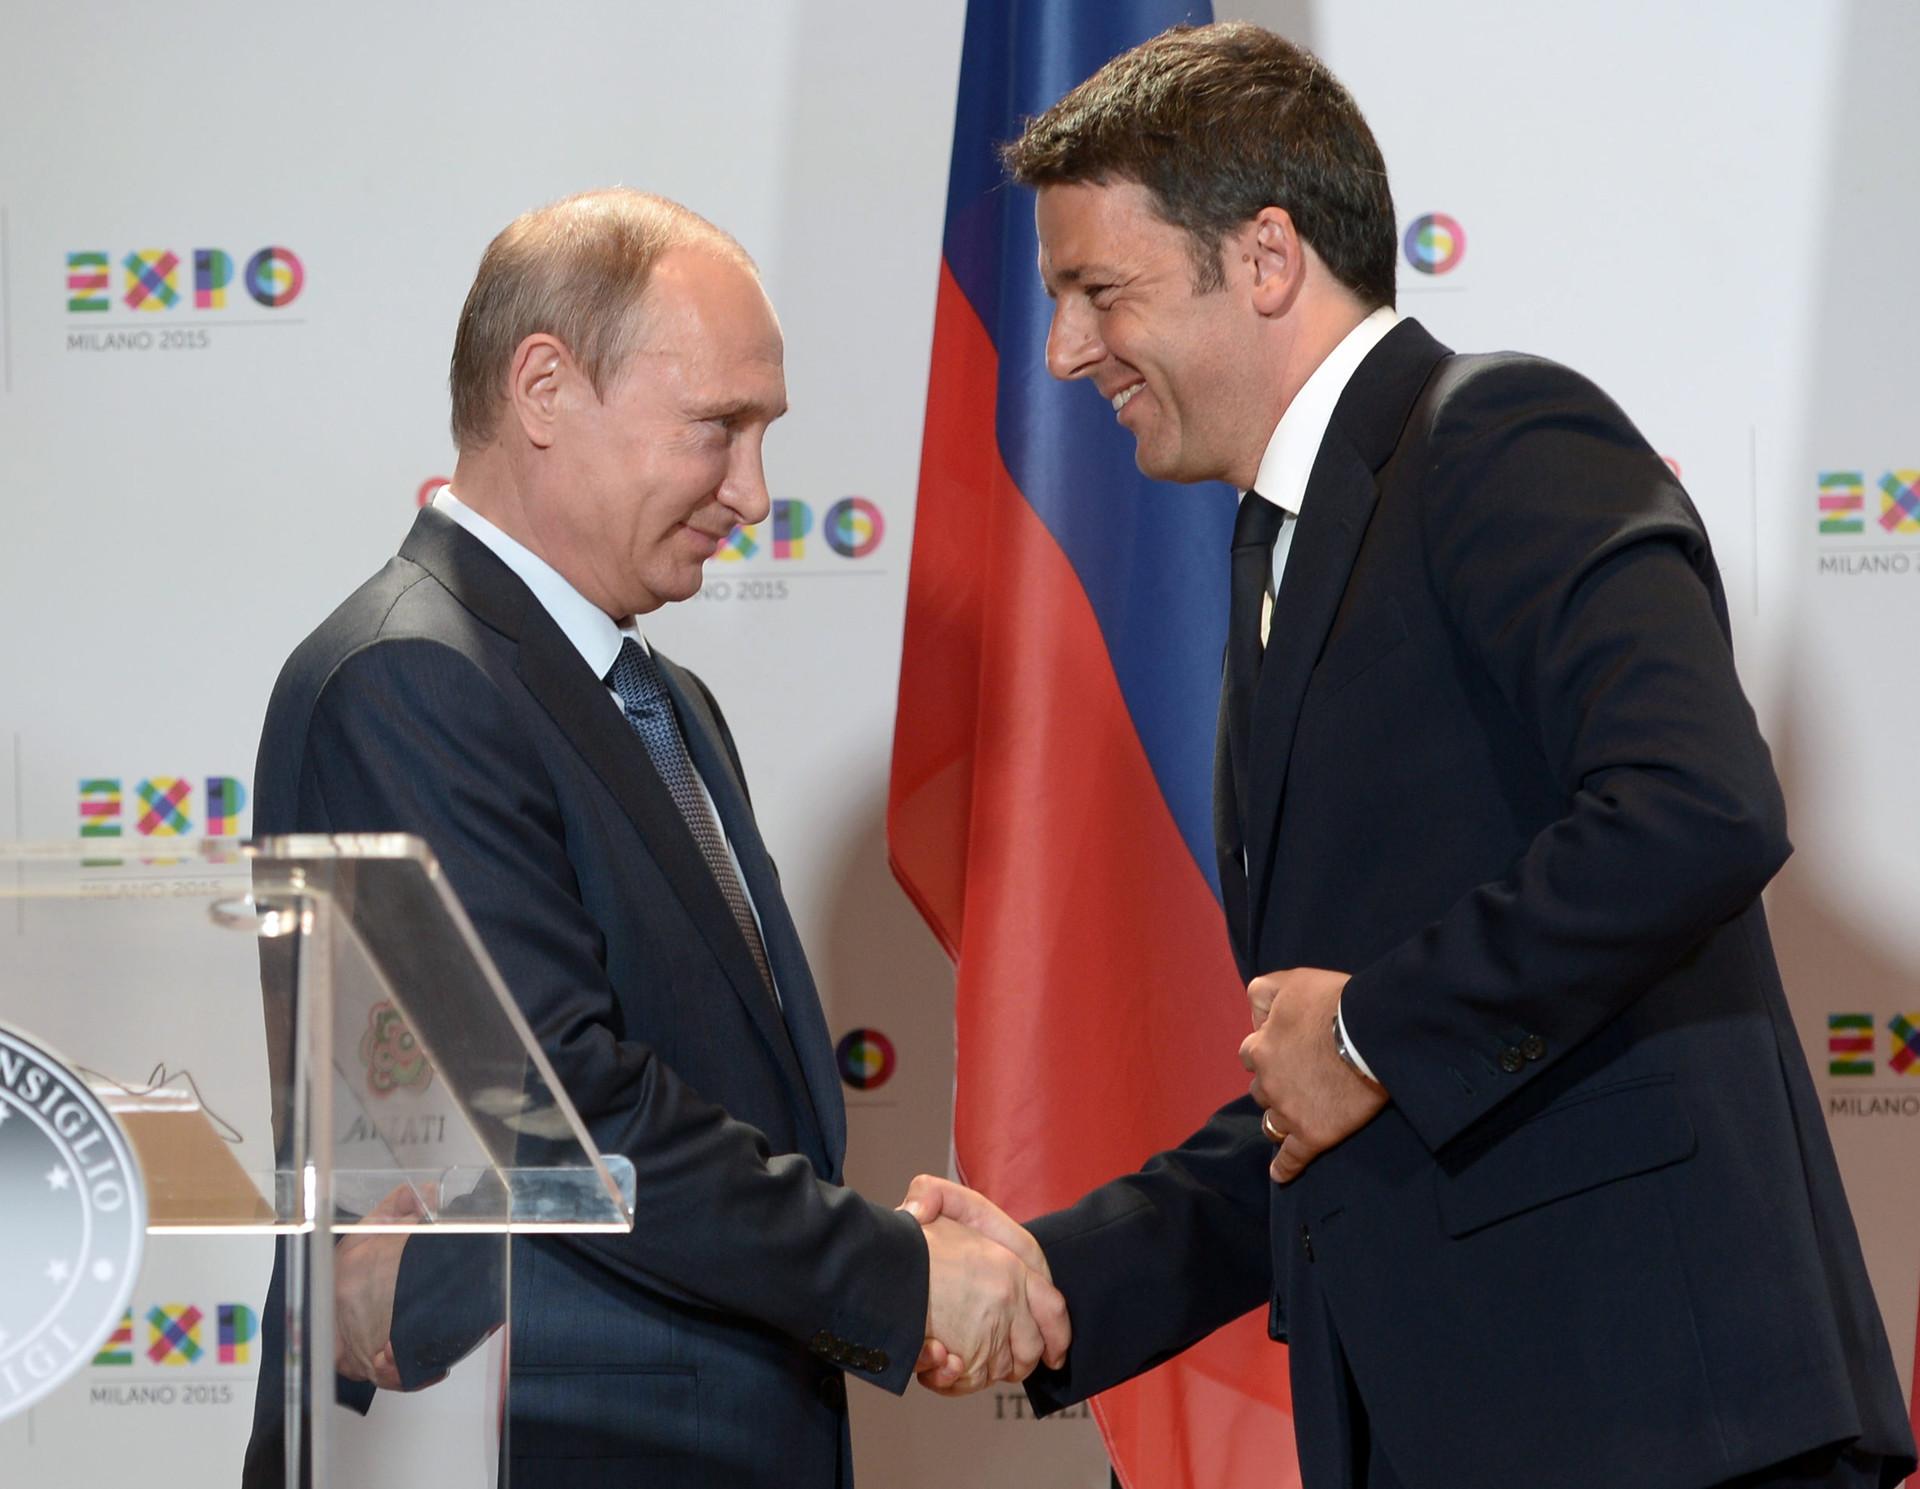 El presidente de Rusia, Vladímir Putin, y el primer ministro italiano, Matteo Renzi